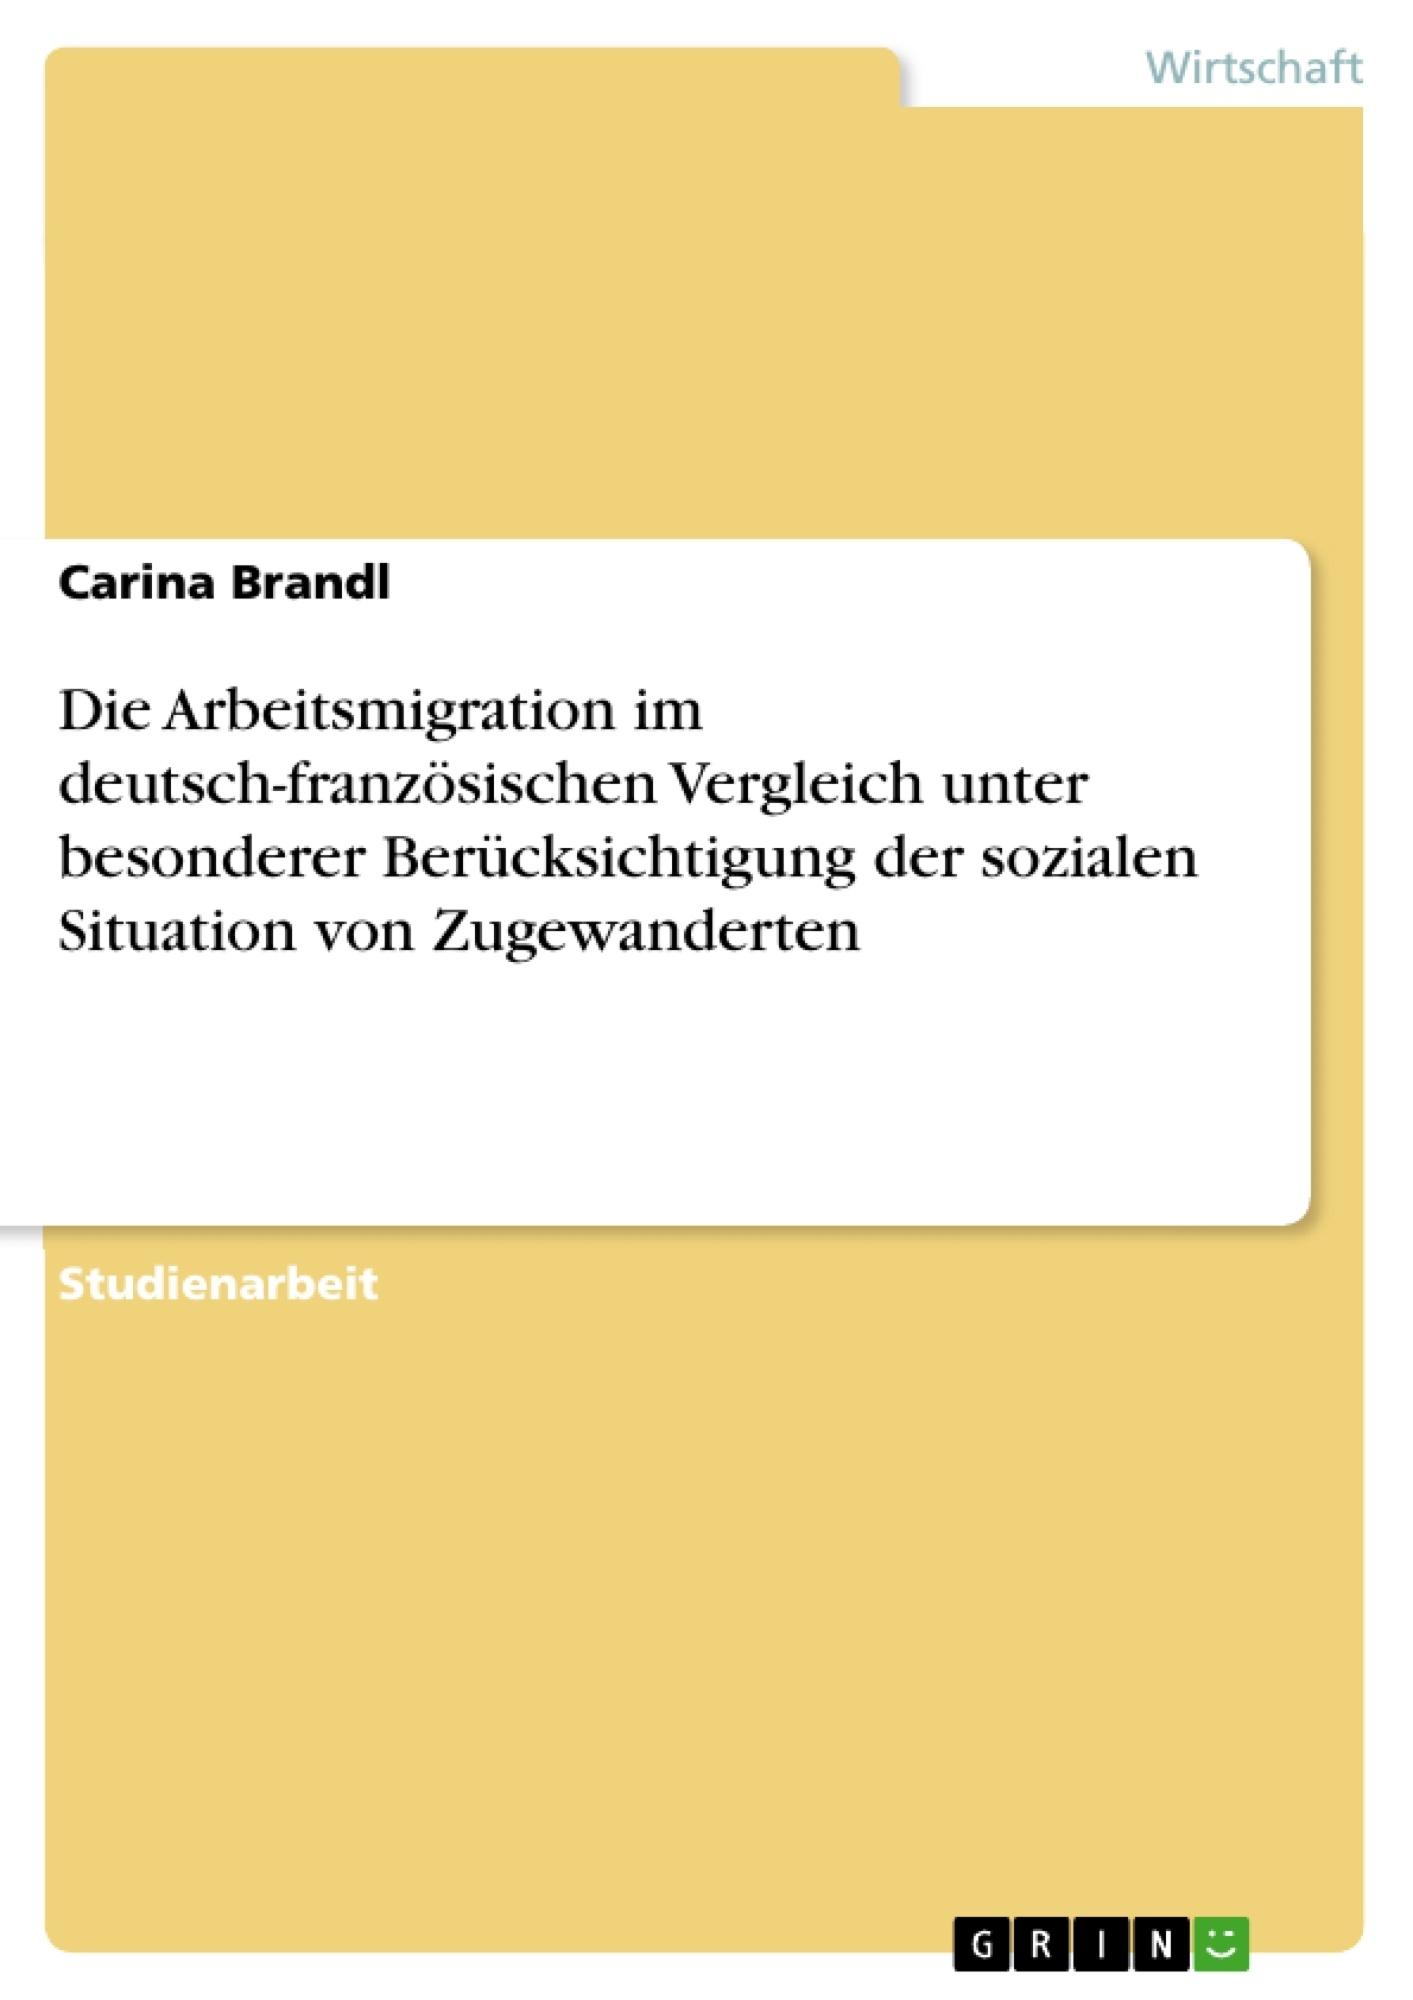 Titel: Die Arbeitsmigration im deutsch-französischen Vergleich unter besonderer Berücksichtigung der sozialen Situation von Zugewanderten